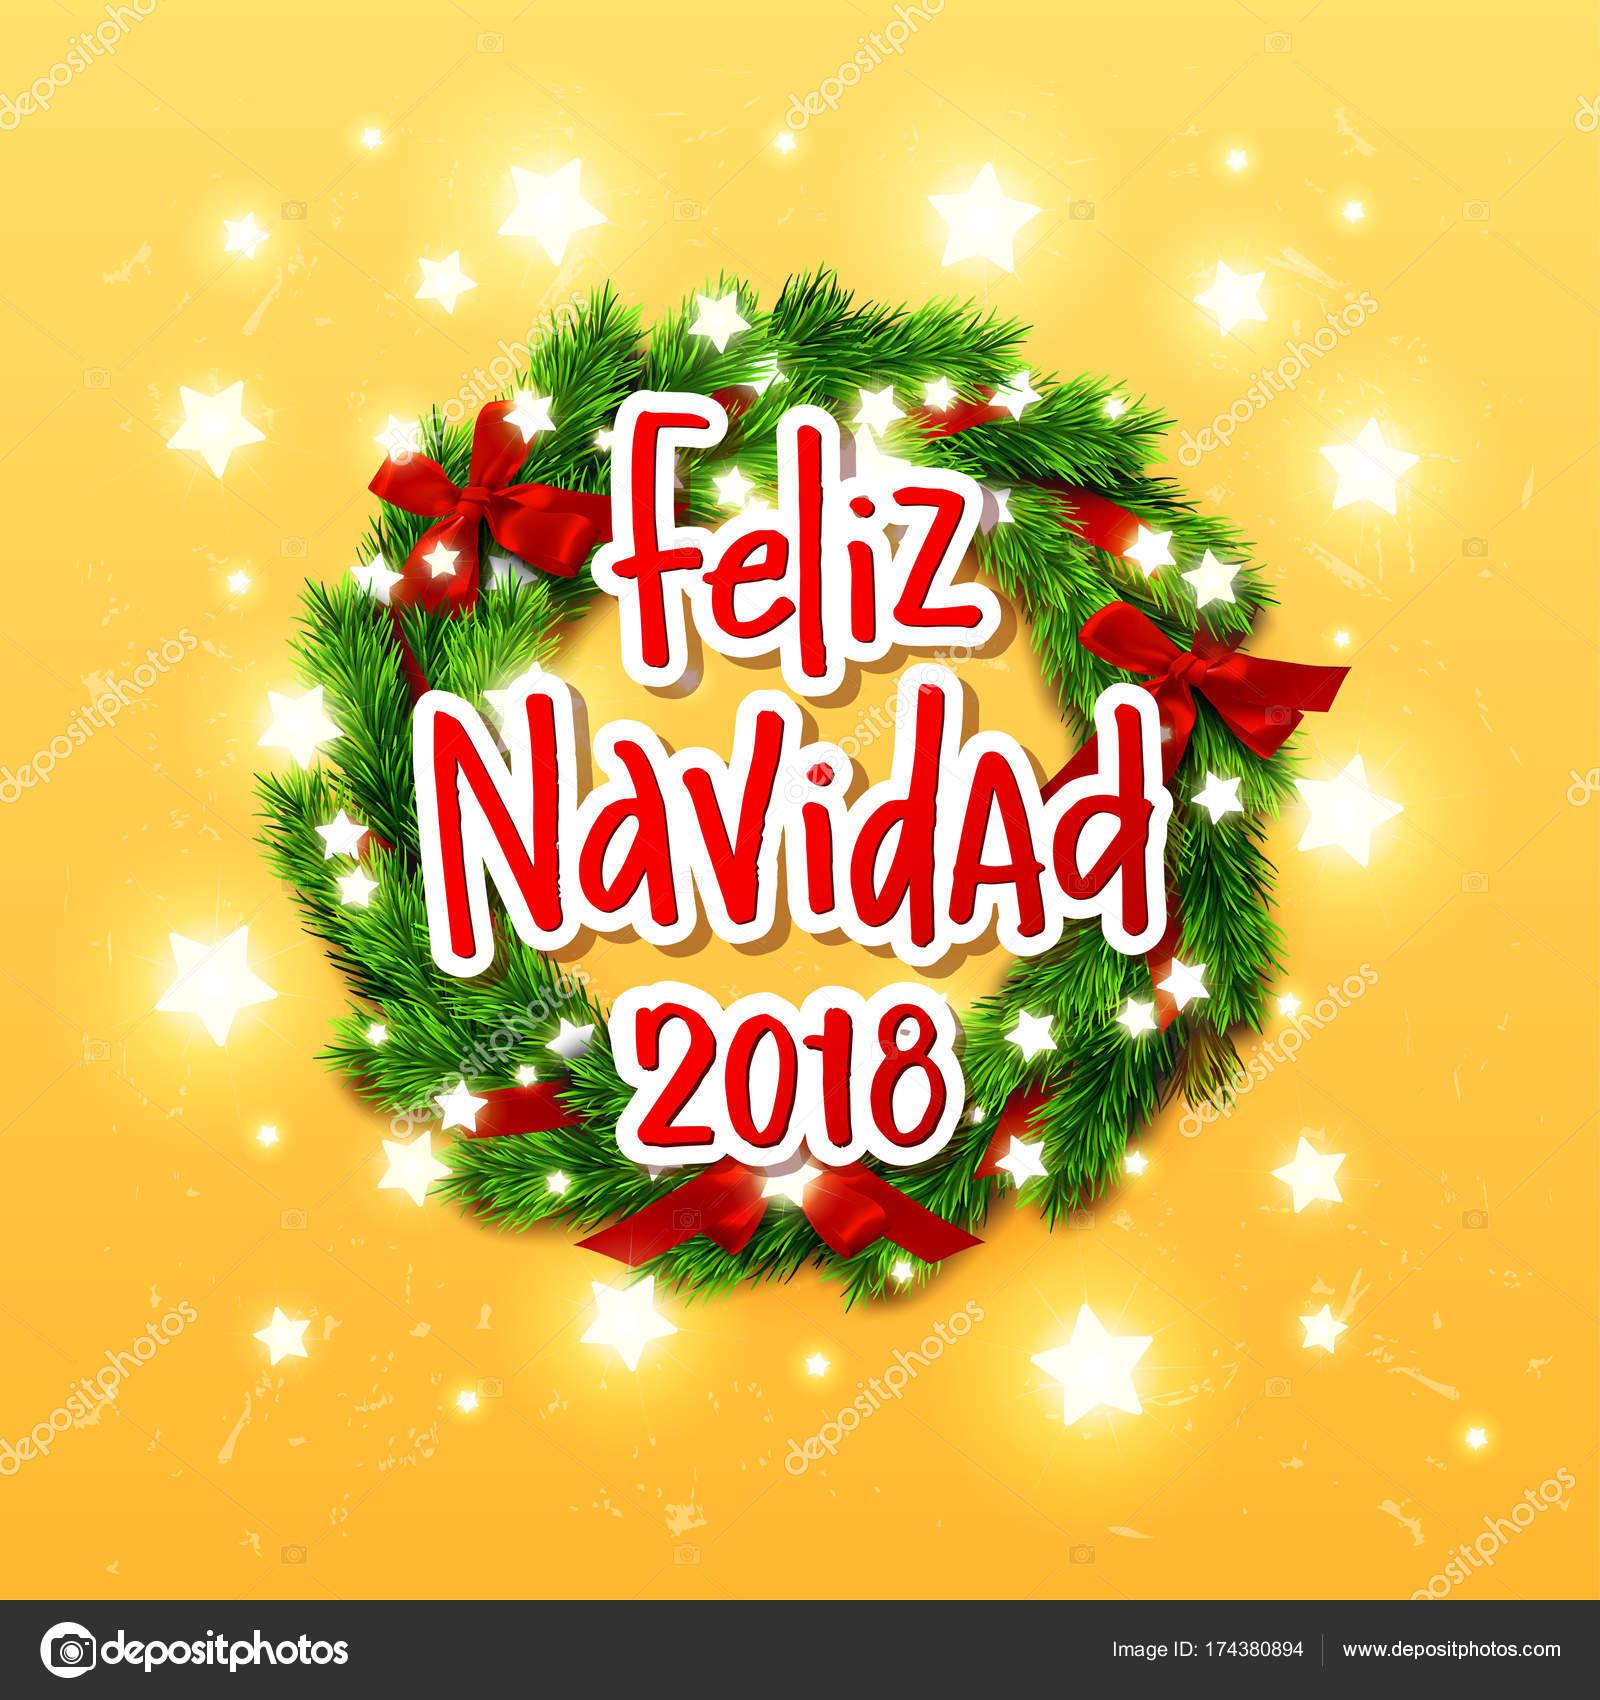 Buon Natale In Spagnolo.Calligrafia Disegnata A Mano Buon Natale In Lingua Spagnola Feliz Navidad Concetto Scritto A Mano Grafica Vettoriale C Wywenka 174380894 Depositphotos